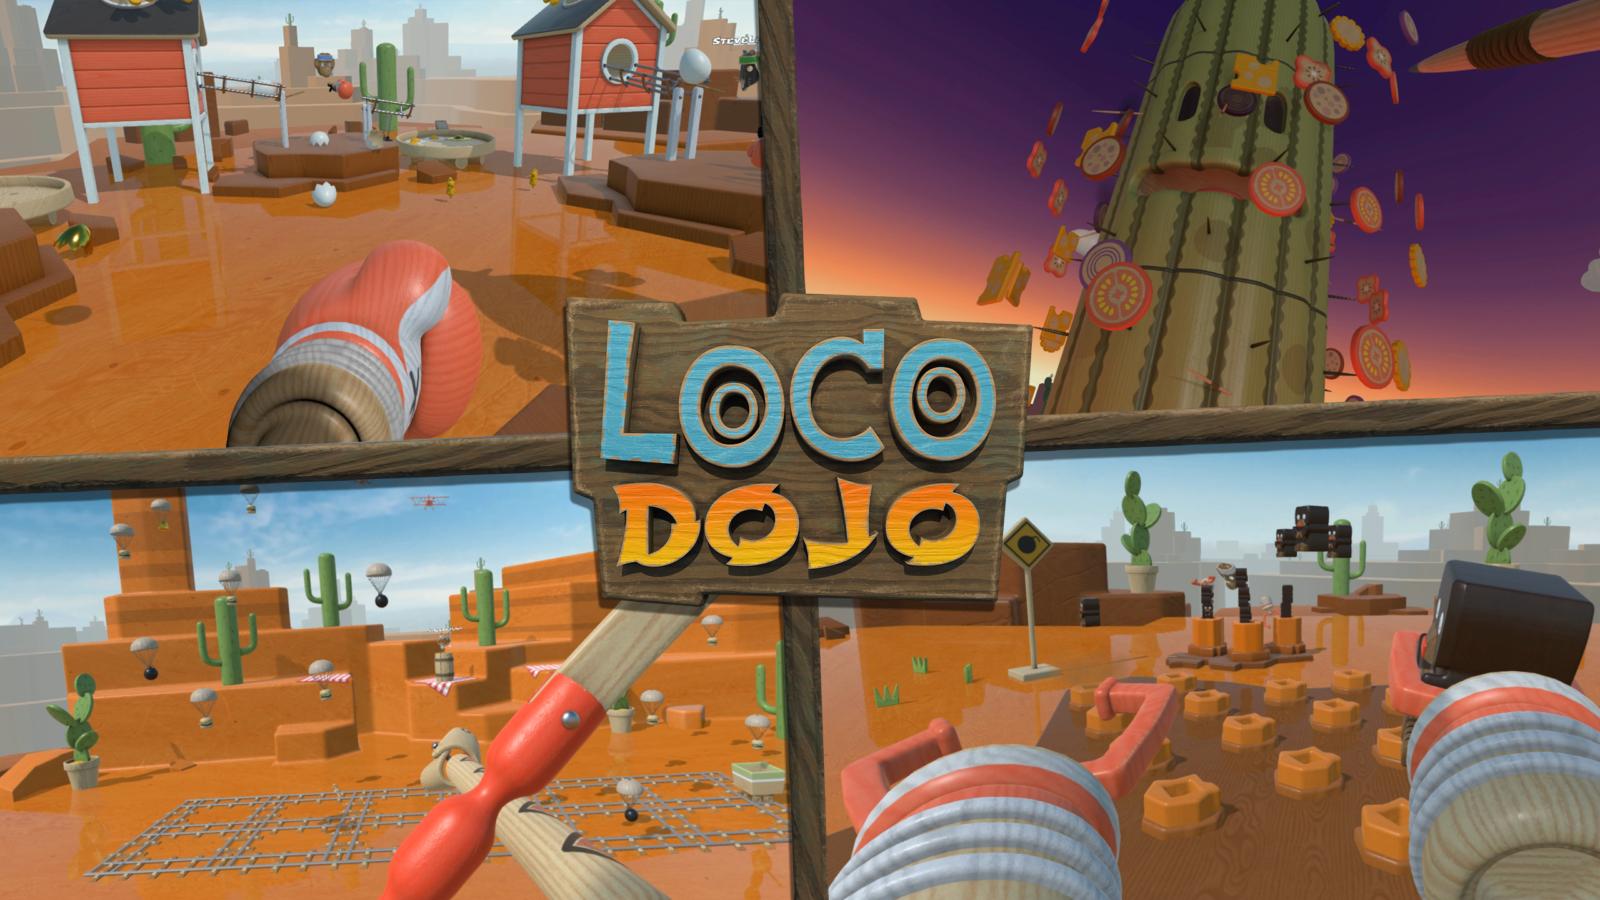 3_LocoDojoScreenshot_RockyDesert